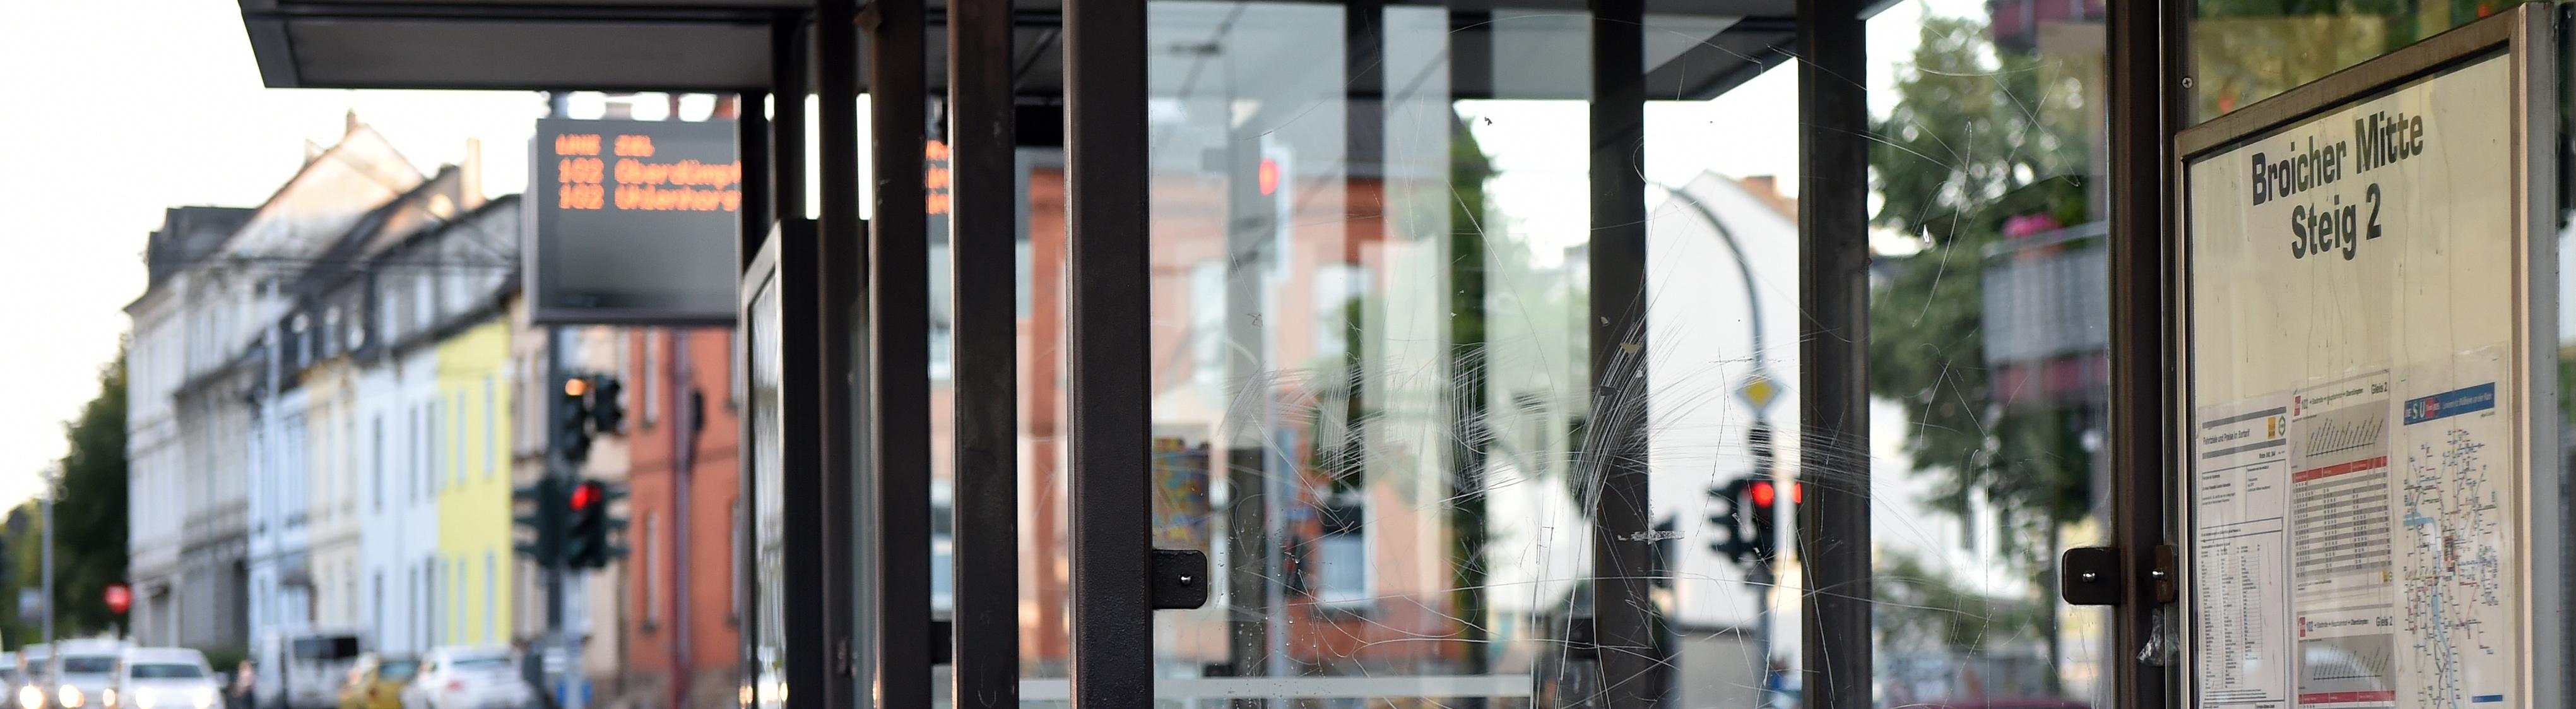 Eine Haltestelle in Mühlheim, in deren Umfeld es am 07.07.2019 zu einem sexuellen Übergriff eines Kindes und mehrerer Jugendlicher gegen ein Mädchen gekommen sein soll. Passiert sei die Tat, nachdem die 15-Jährige einen Linienbus verlassen hatte. Laut Staatsanwaltschaft wird gegen vier Jugendliche wegen sexueller Belästigung ermittelt, einer der Verdächtigen sei noch nicht strafmündig. Alle sind auf freiem Fuß.